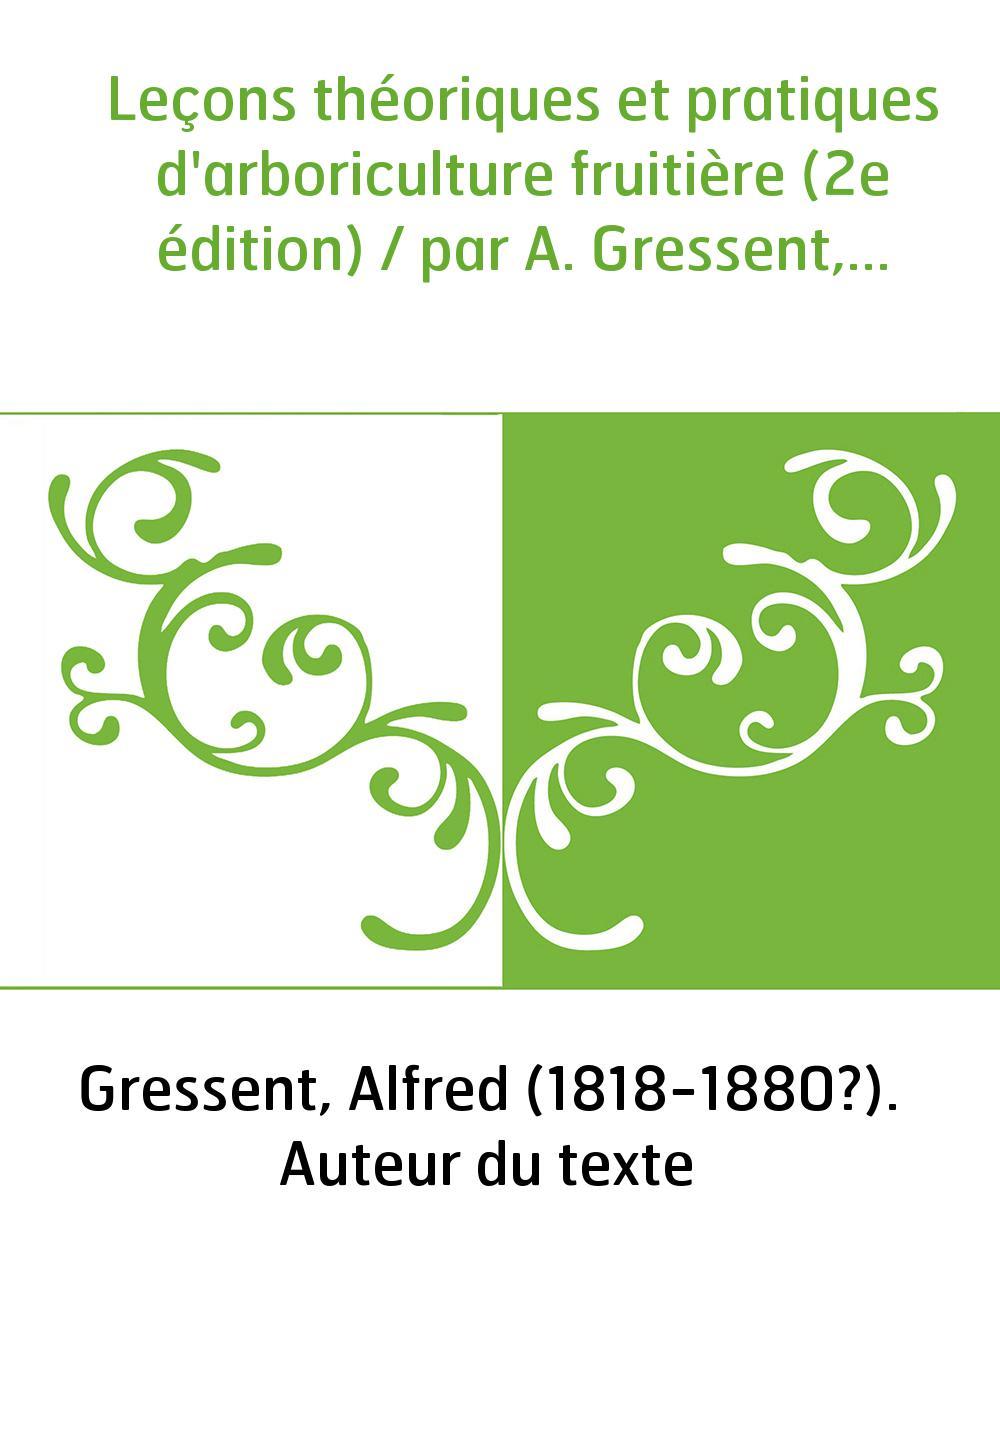 Leçons théoriques et pratiques d'arboriculture fruitière (2e édition) / par A. Gressent,...